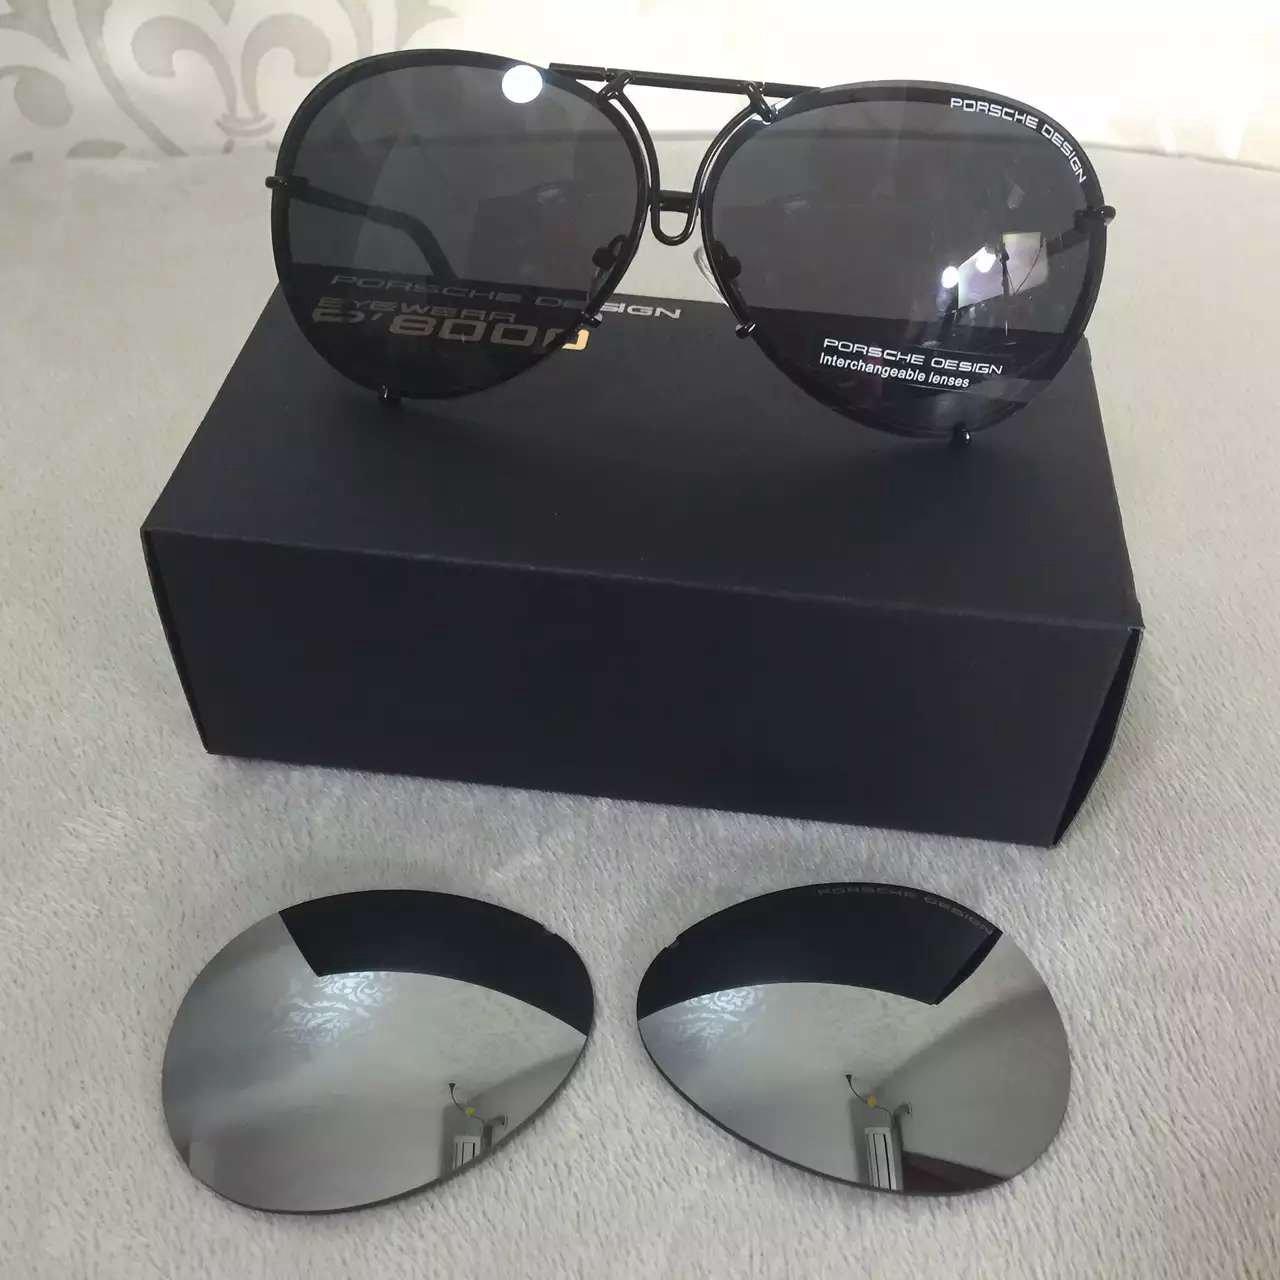 PORSCHE DESIGN P8478 D Aviator Sunglasses Black Matte Frame Size 69 + Extra Lens